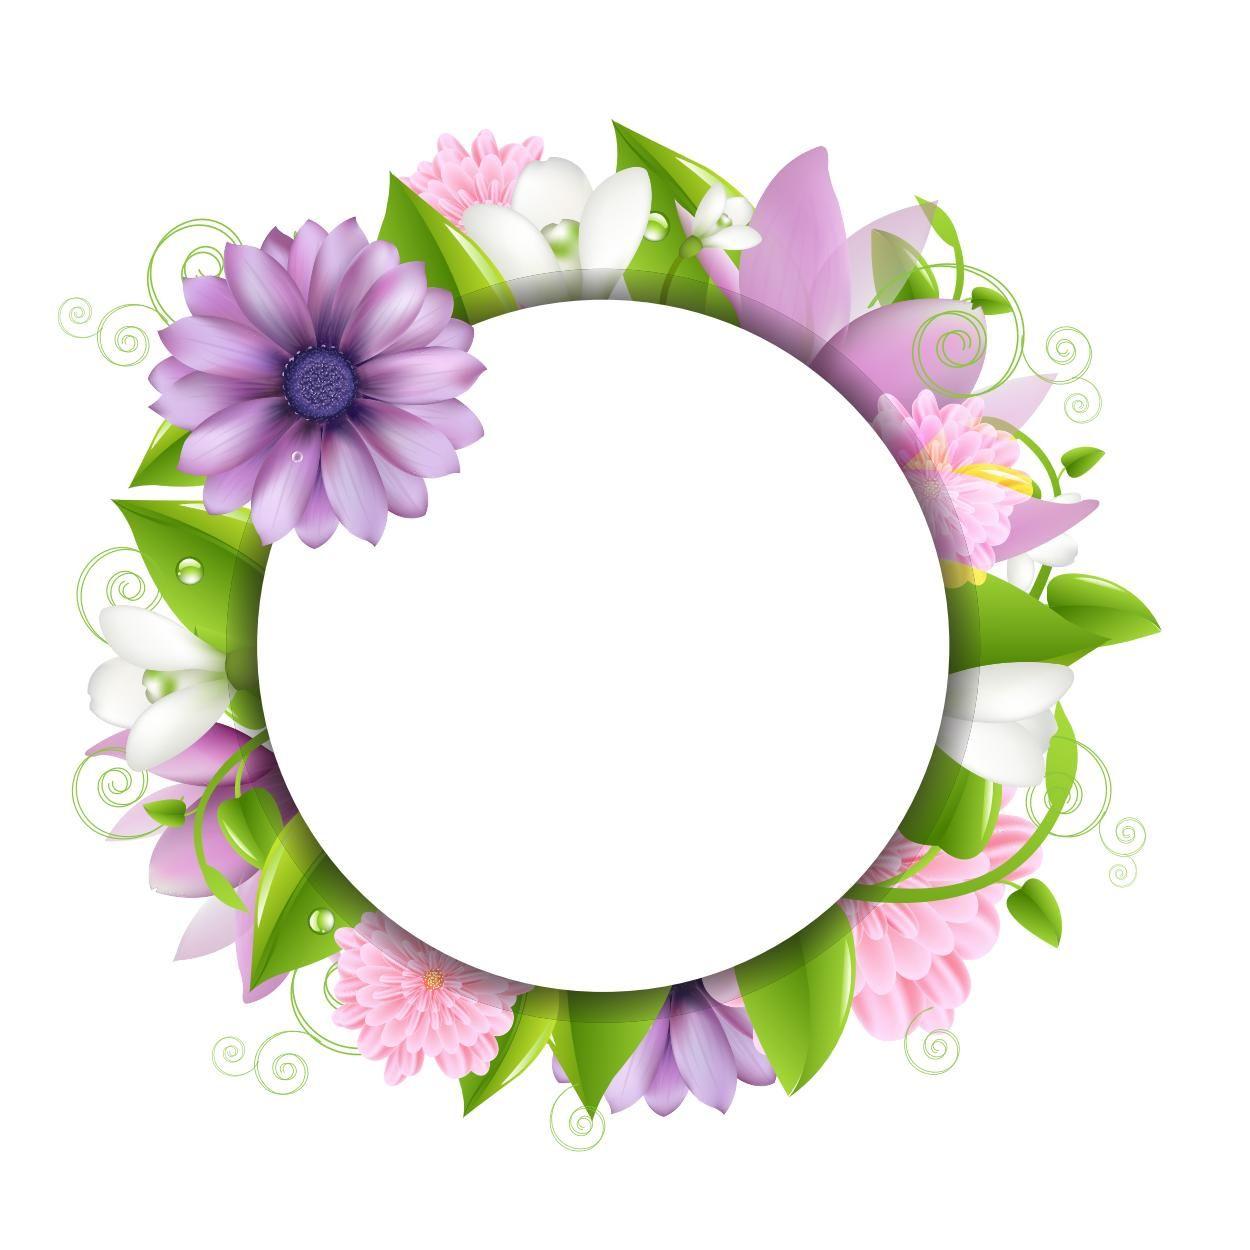 Flower12 Flowers Pinterest Vector Flowers Border Design And Flower Frame